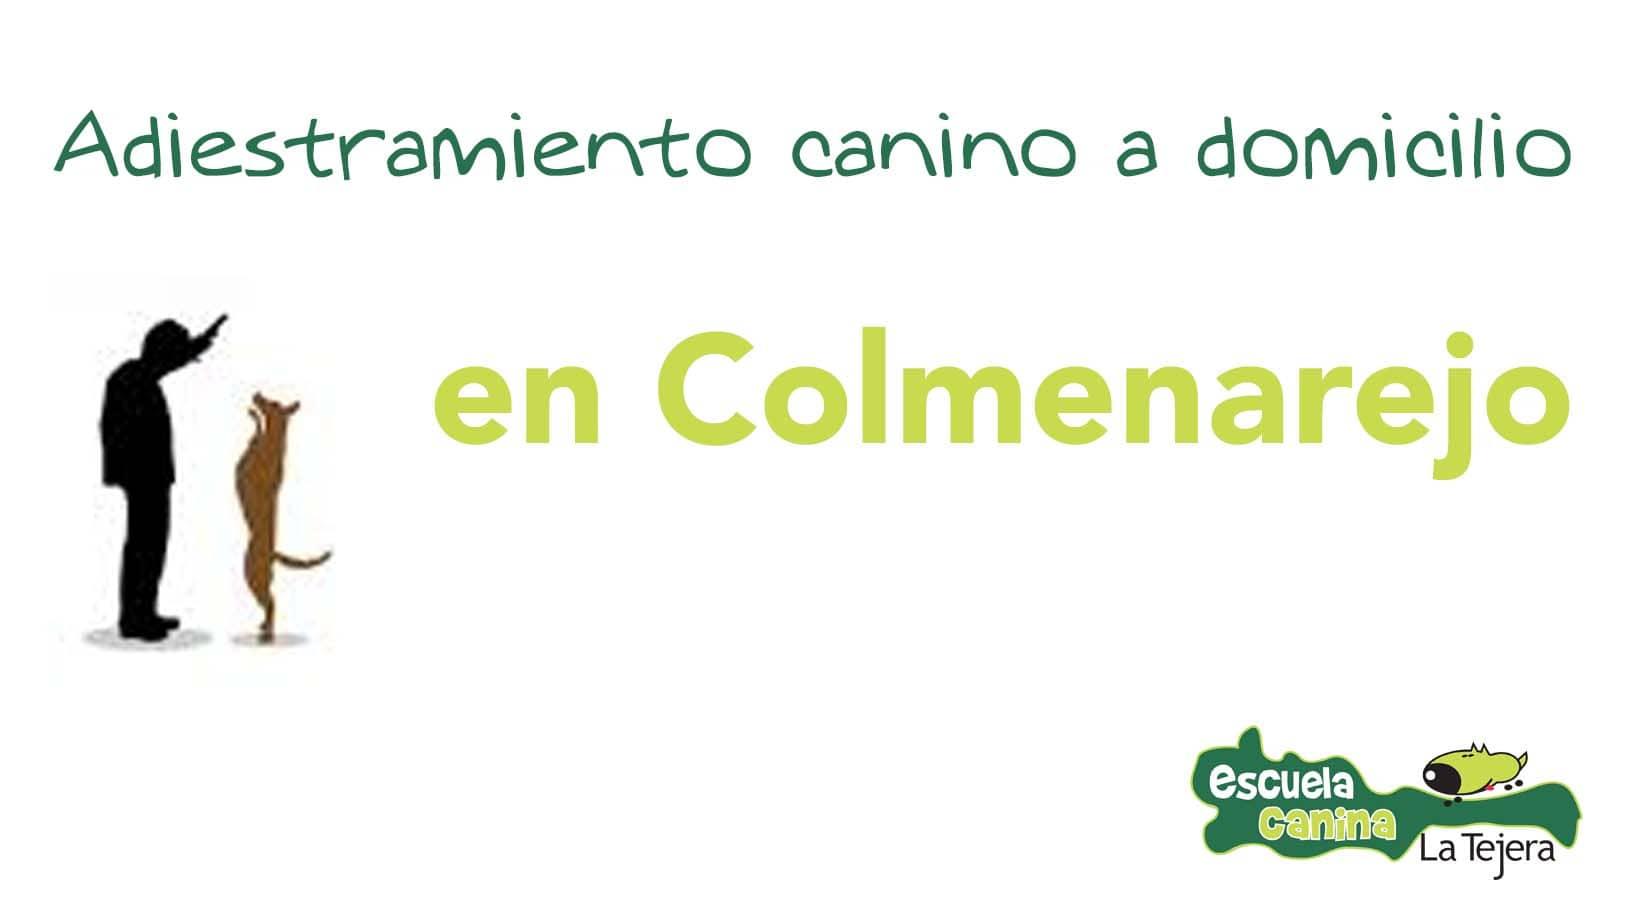 adiestramiento_domicilio_colmenarejo